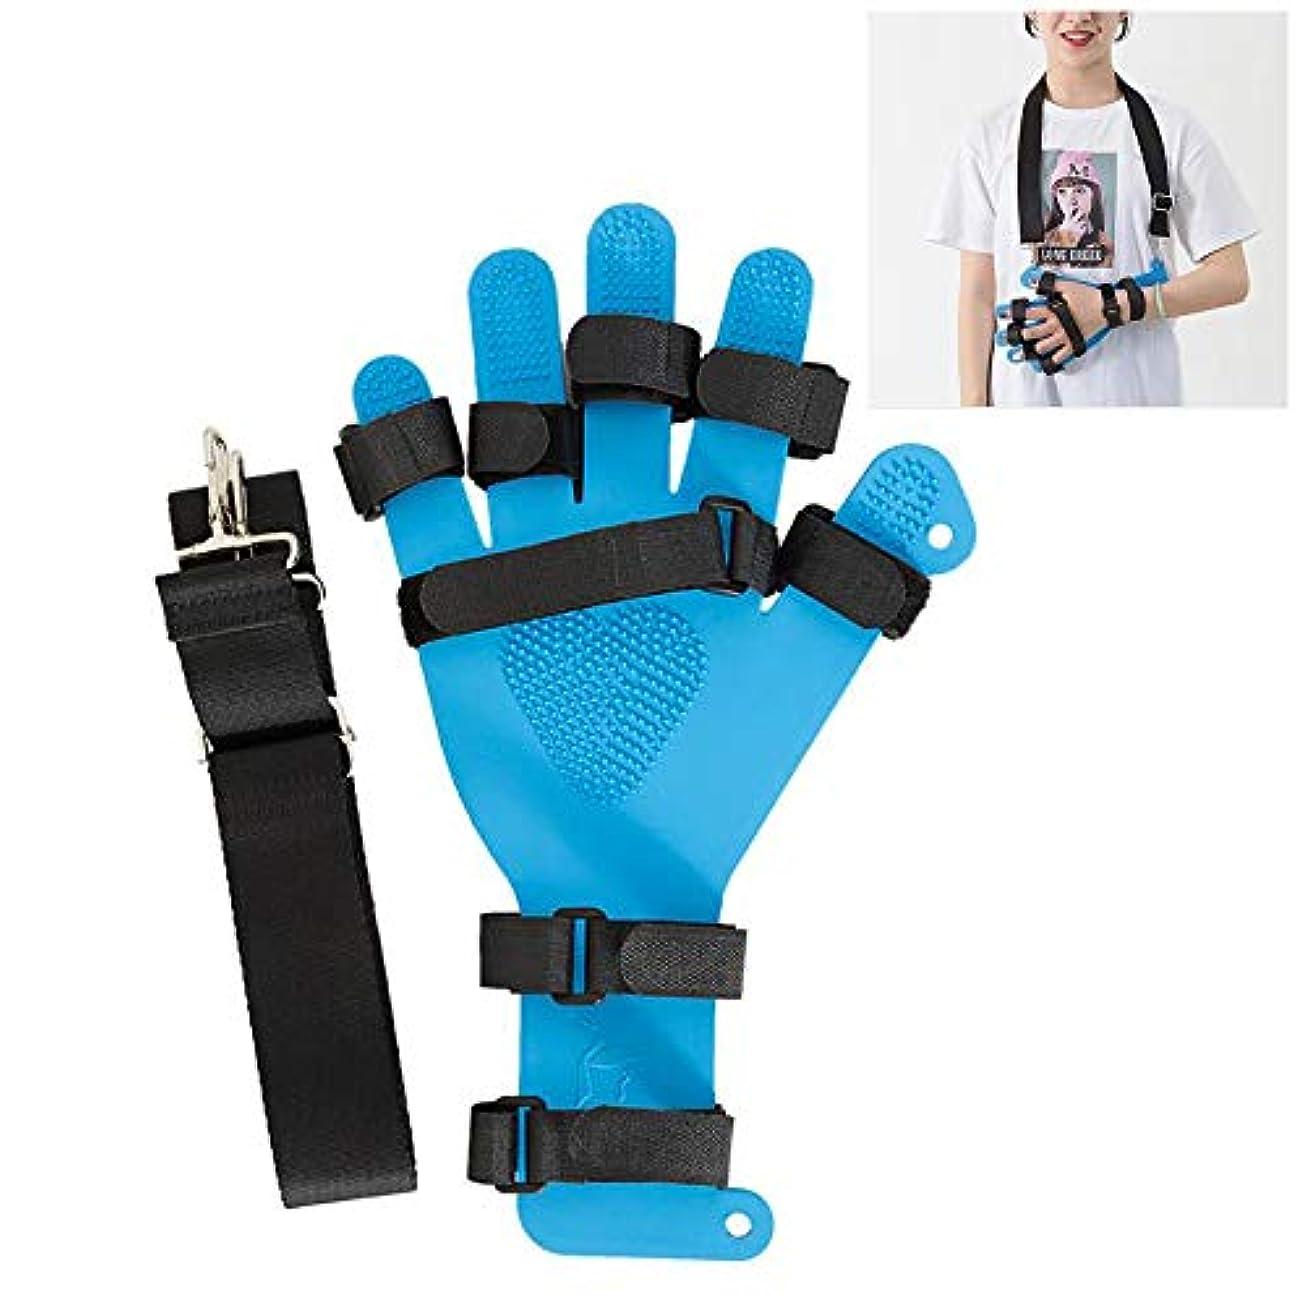 勇気チャット永久指の副木指板、調節可能な手首の訓練の装具、リハビリテーションのための指の分離器延長板。,2PCS